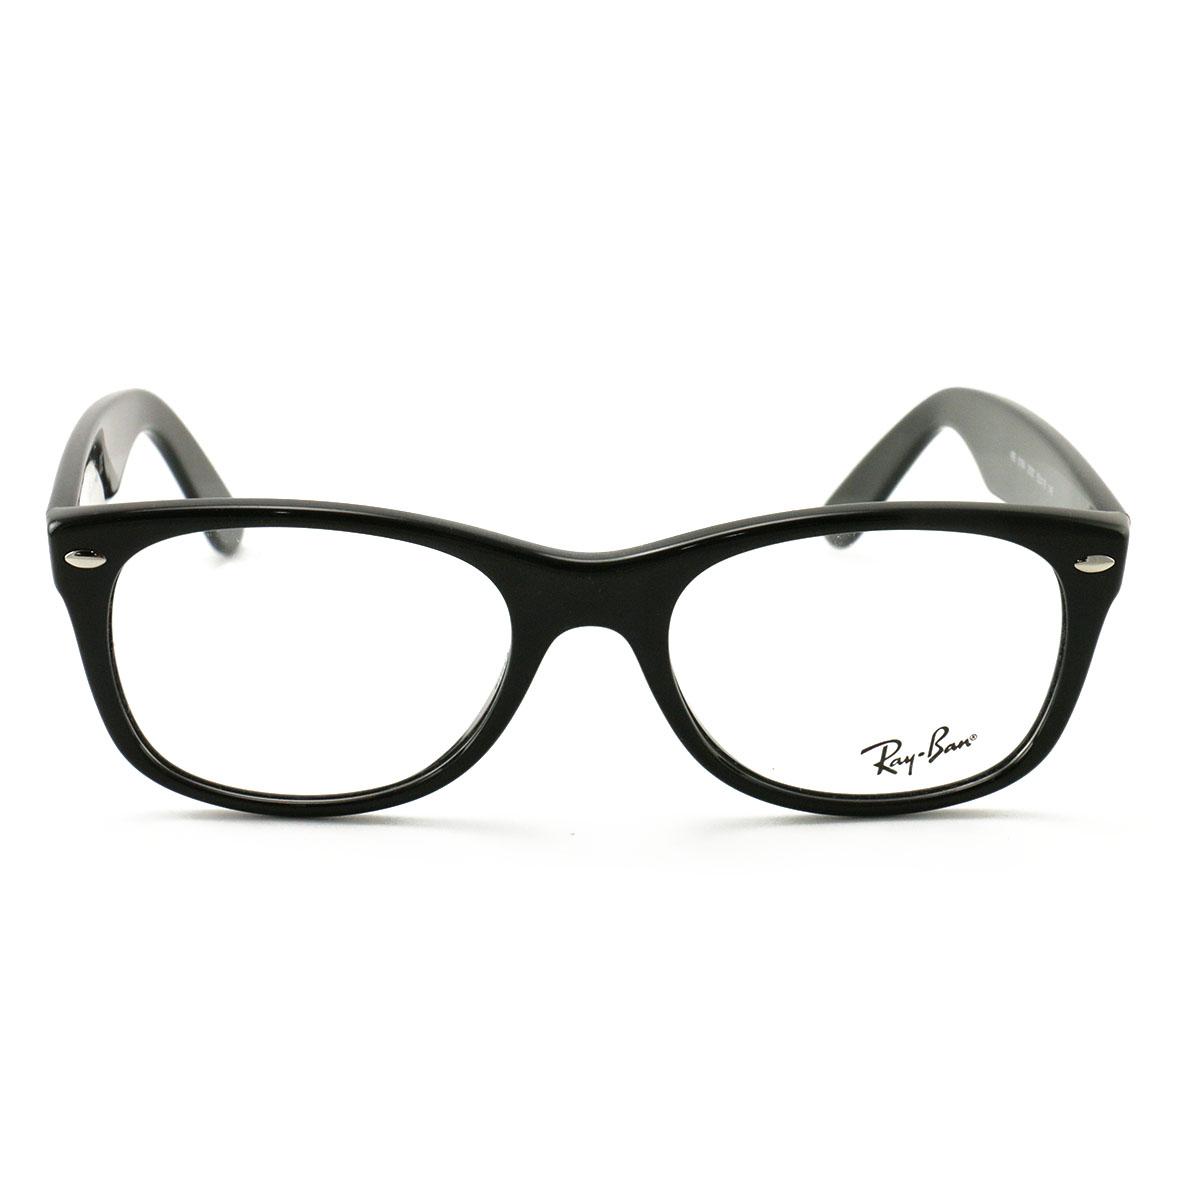 13fabd568c Ray-Ban Eyeglasses RB 5184 2000 Black 52 18 145 Wayfarer Acetate ...